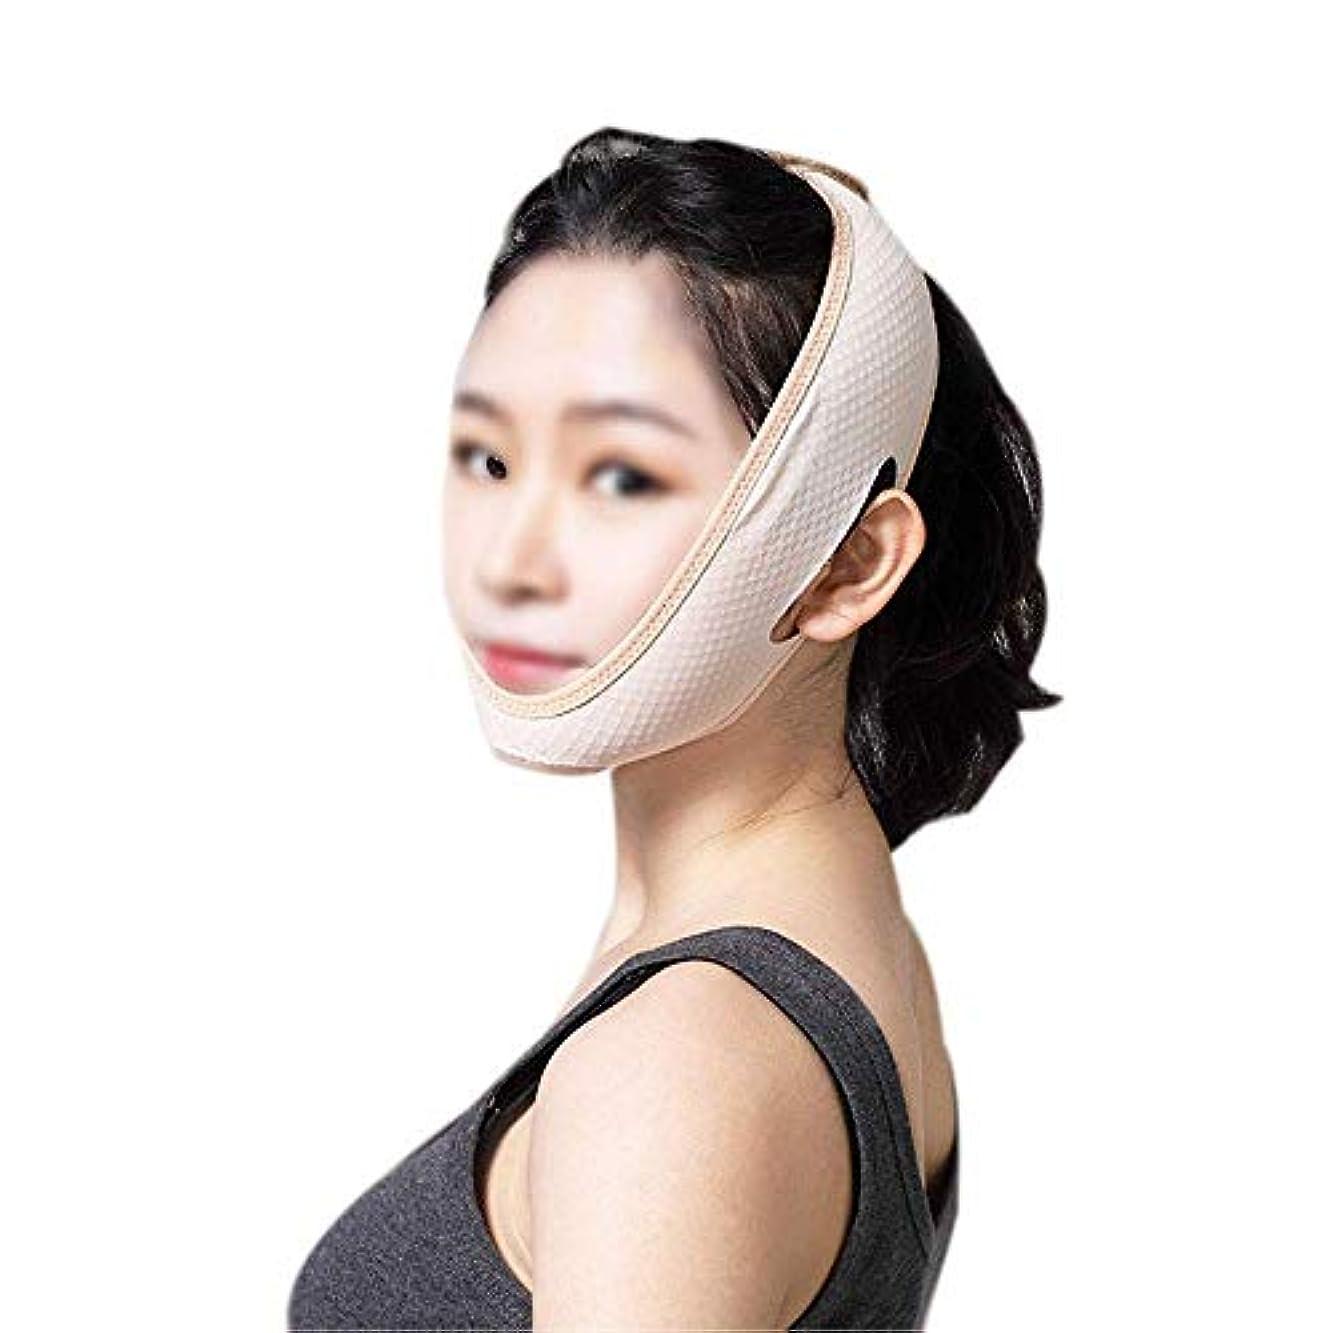 マラウイ虫ホイストフェイスリフティングバンデージ、肌の引き締めを強化する薄いフェイスマスクの睡眠、ダブルチンマスクの削減